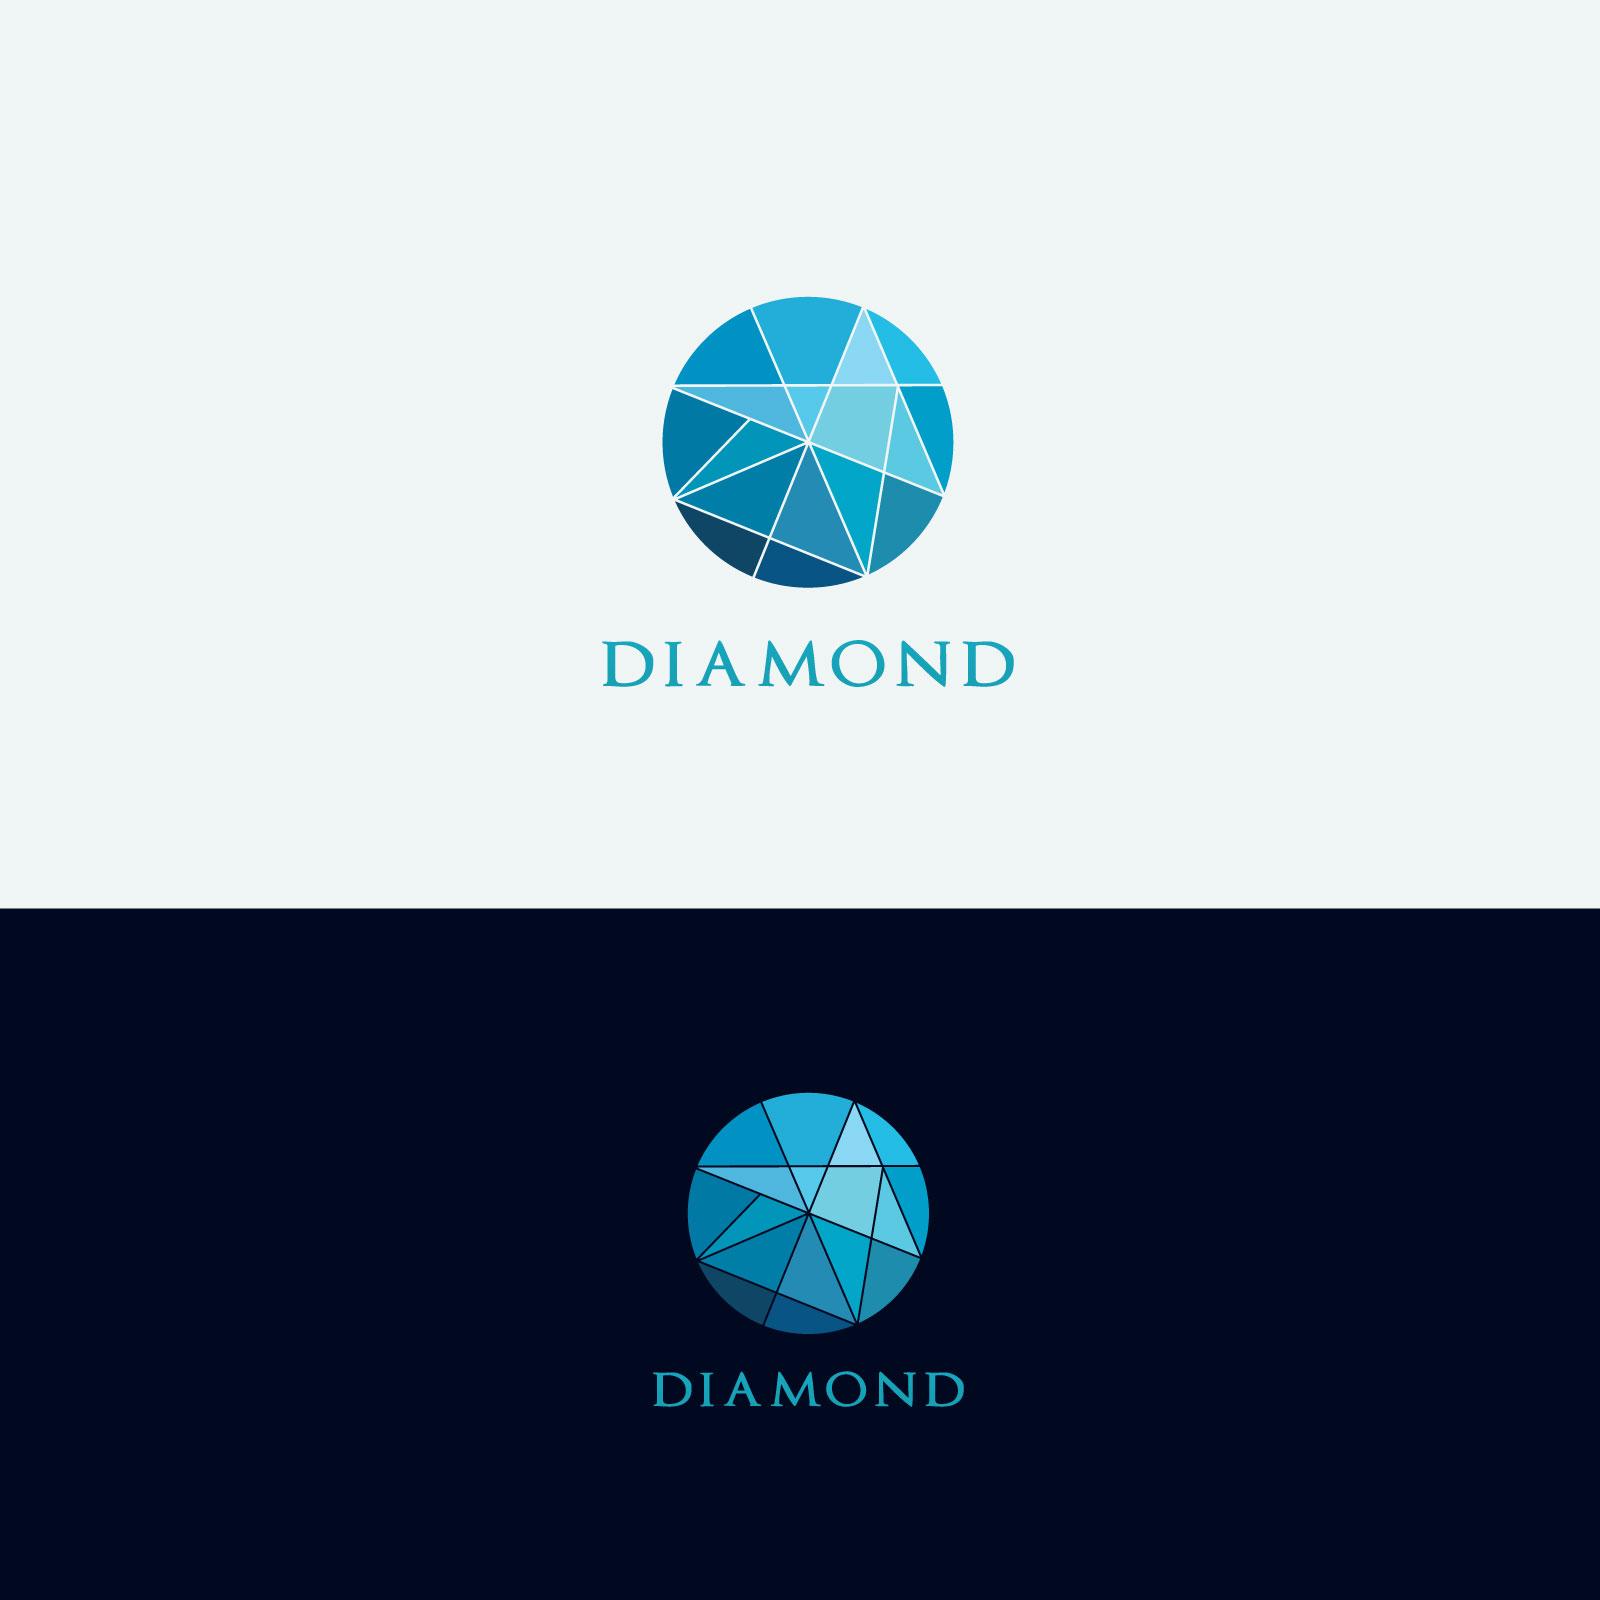 Diamond vector logos collection example image 3